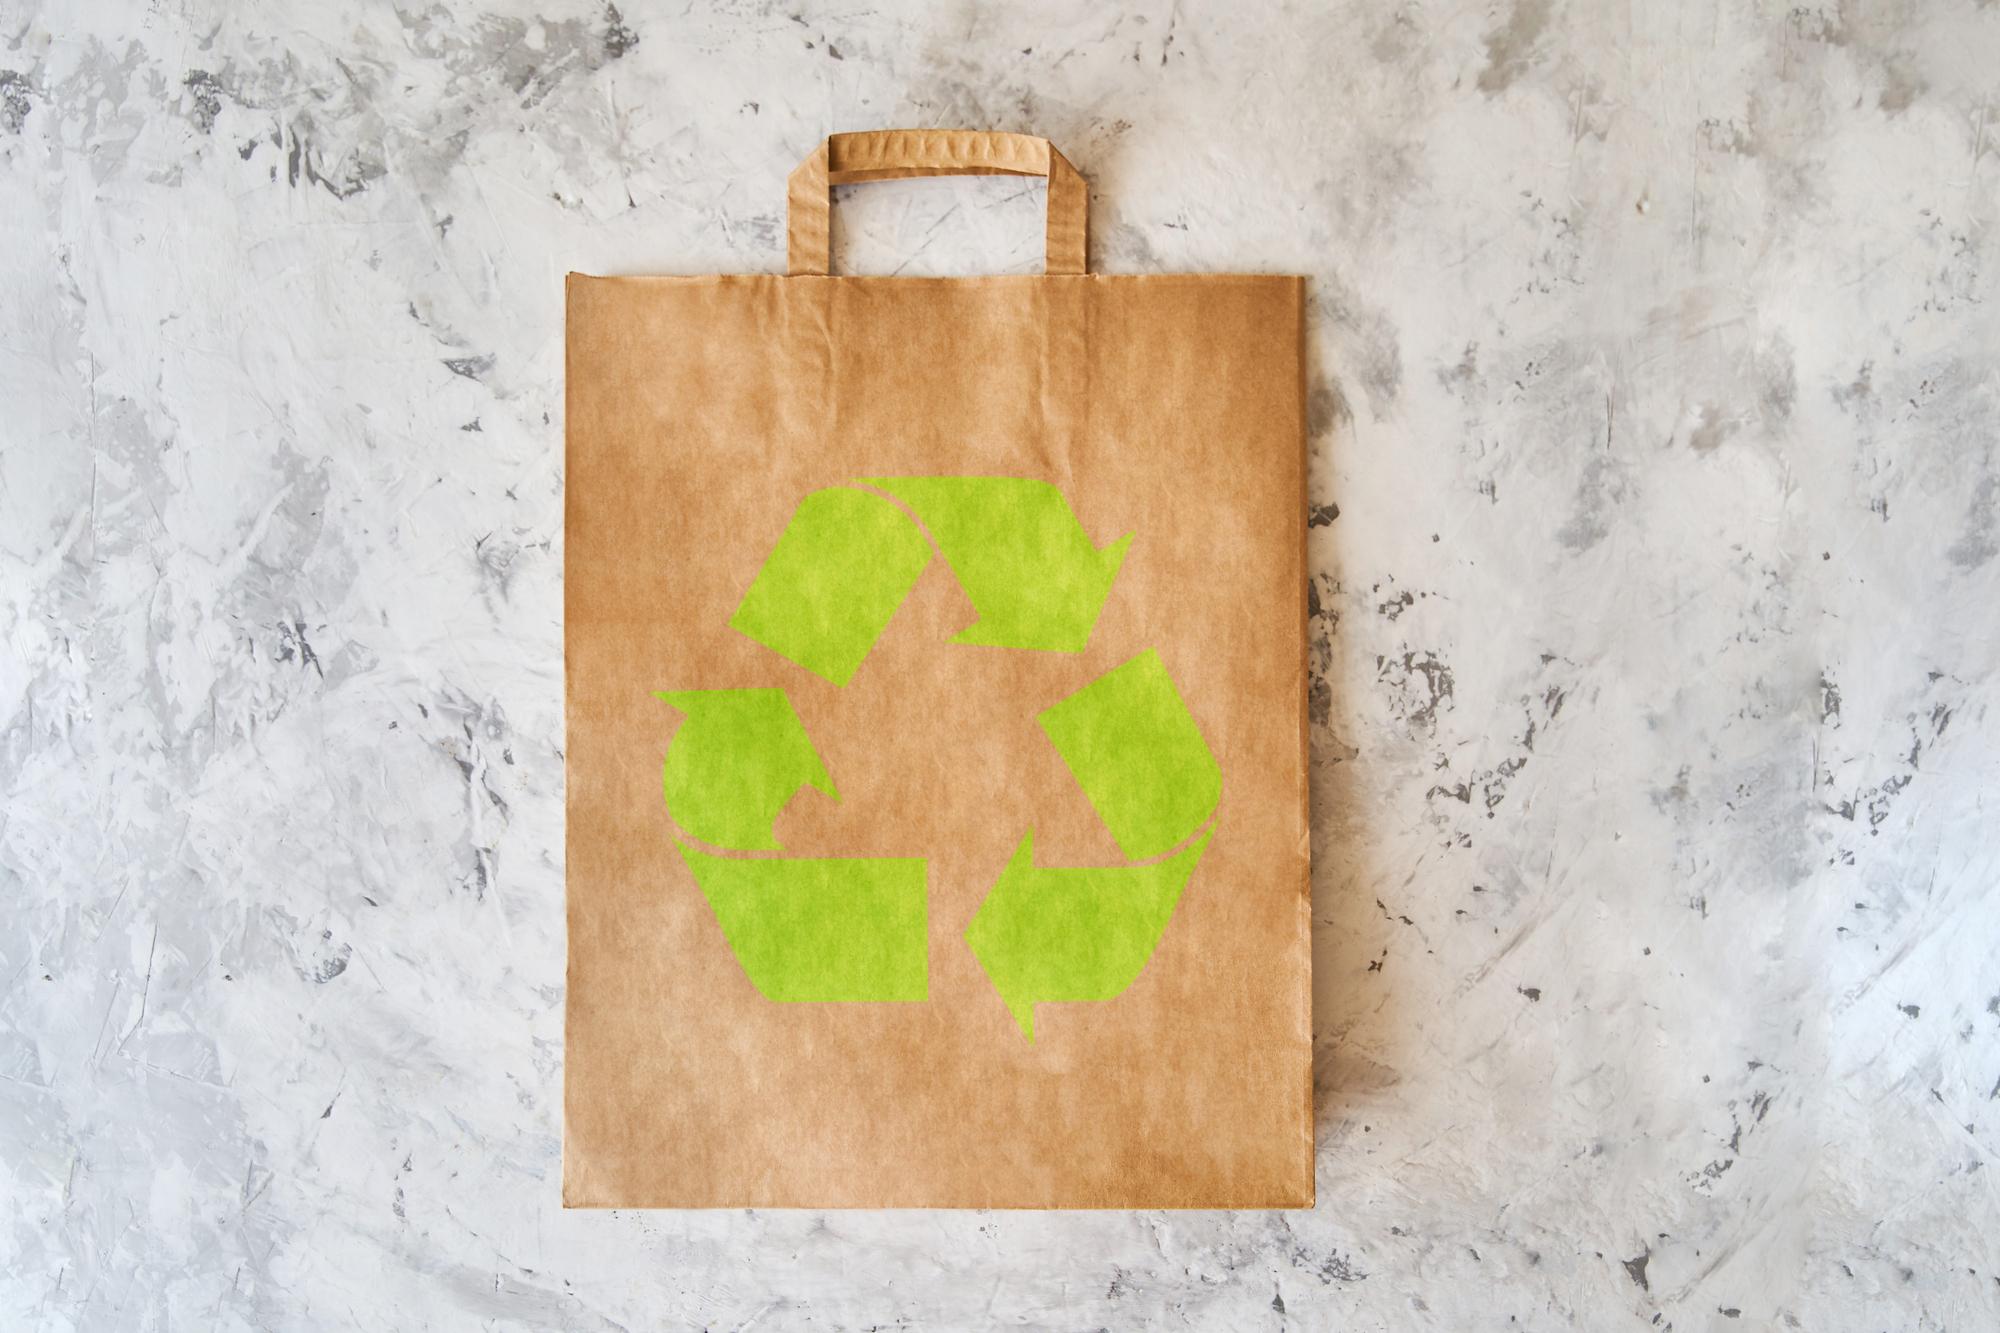 Jak czytac znaki ekologiczne